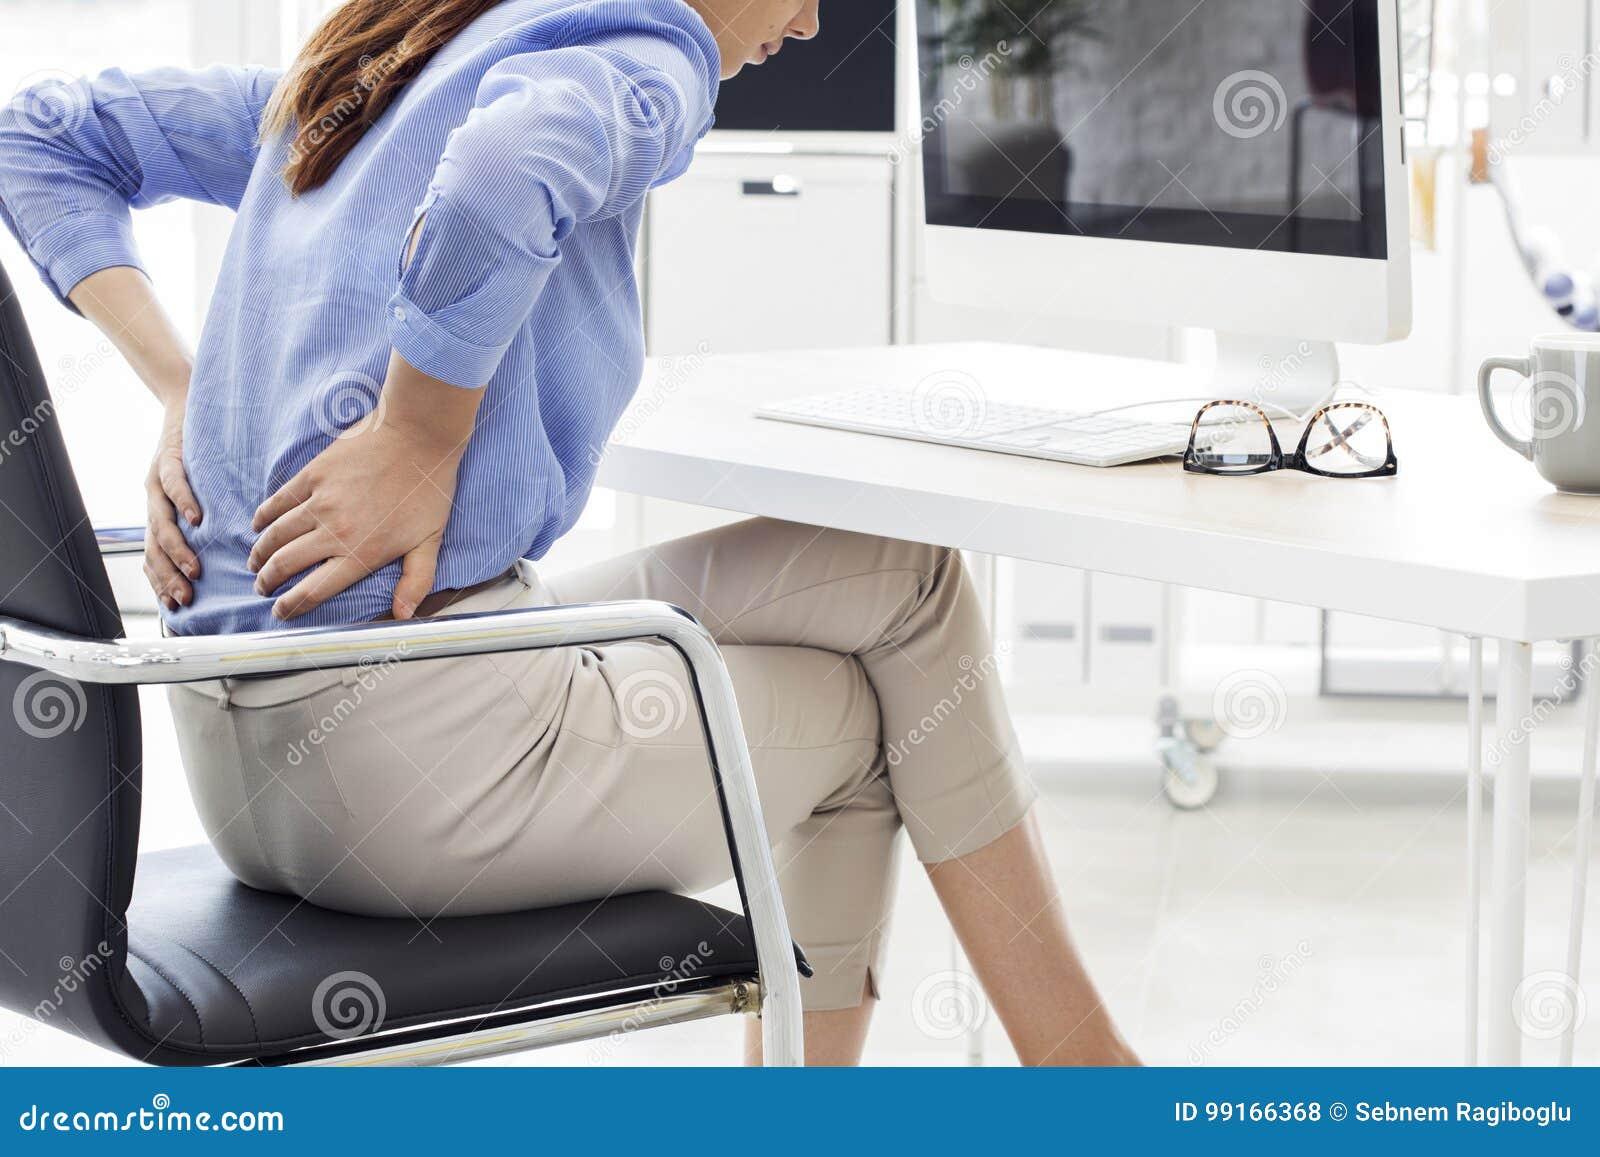 Empresaria con dolor de espalda en oficina